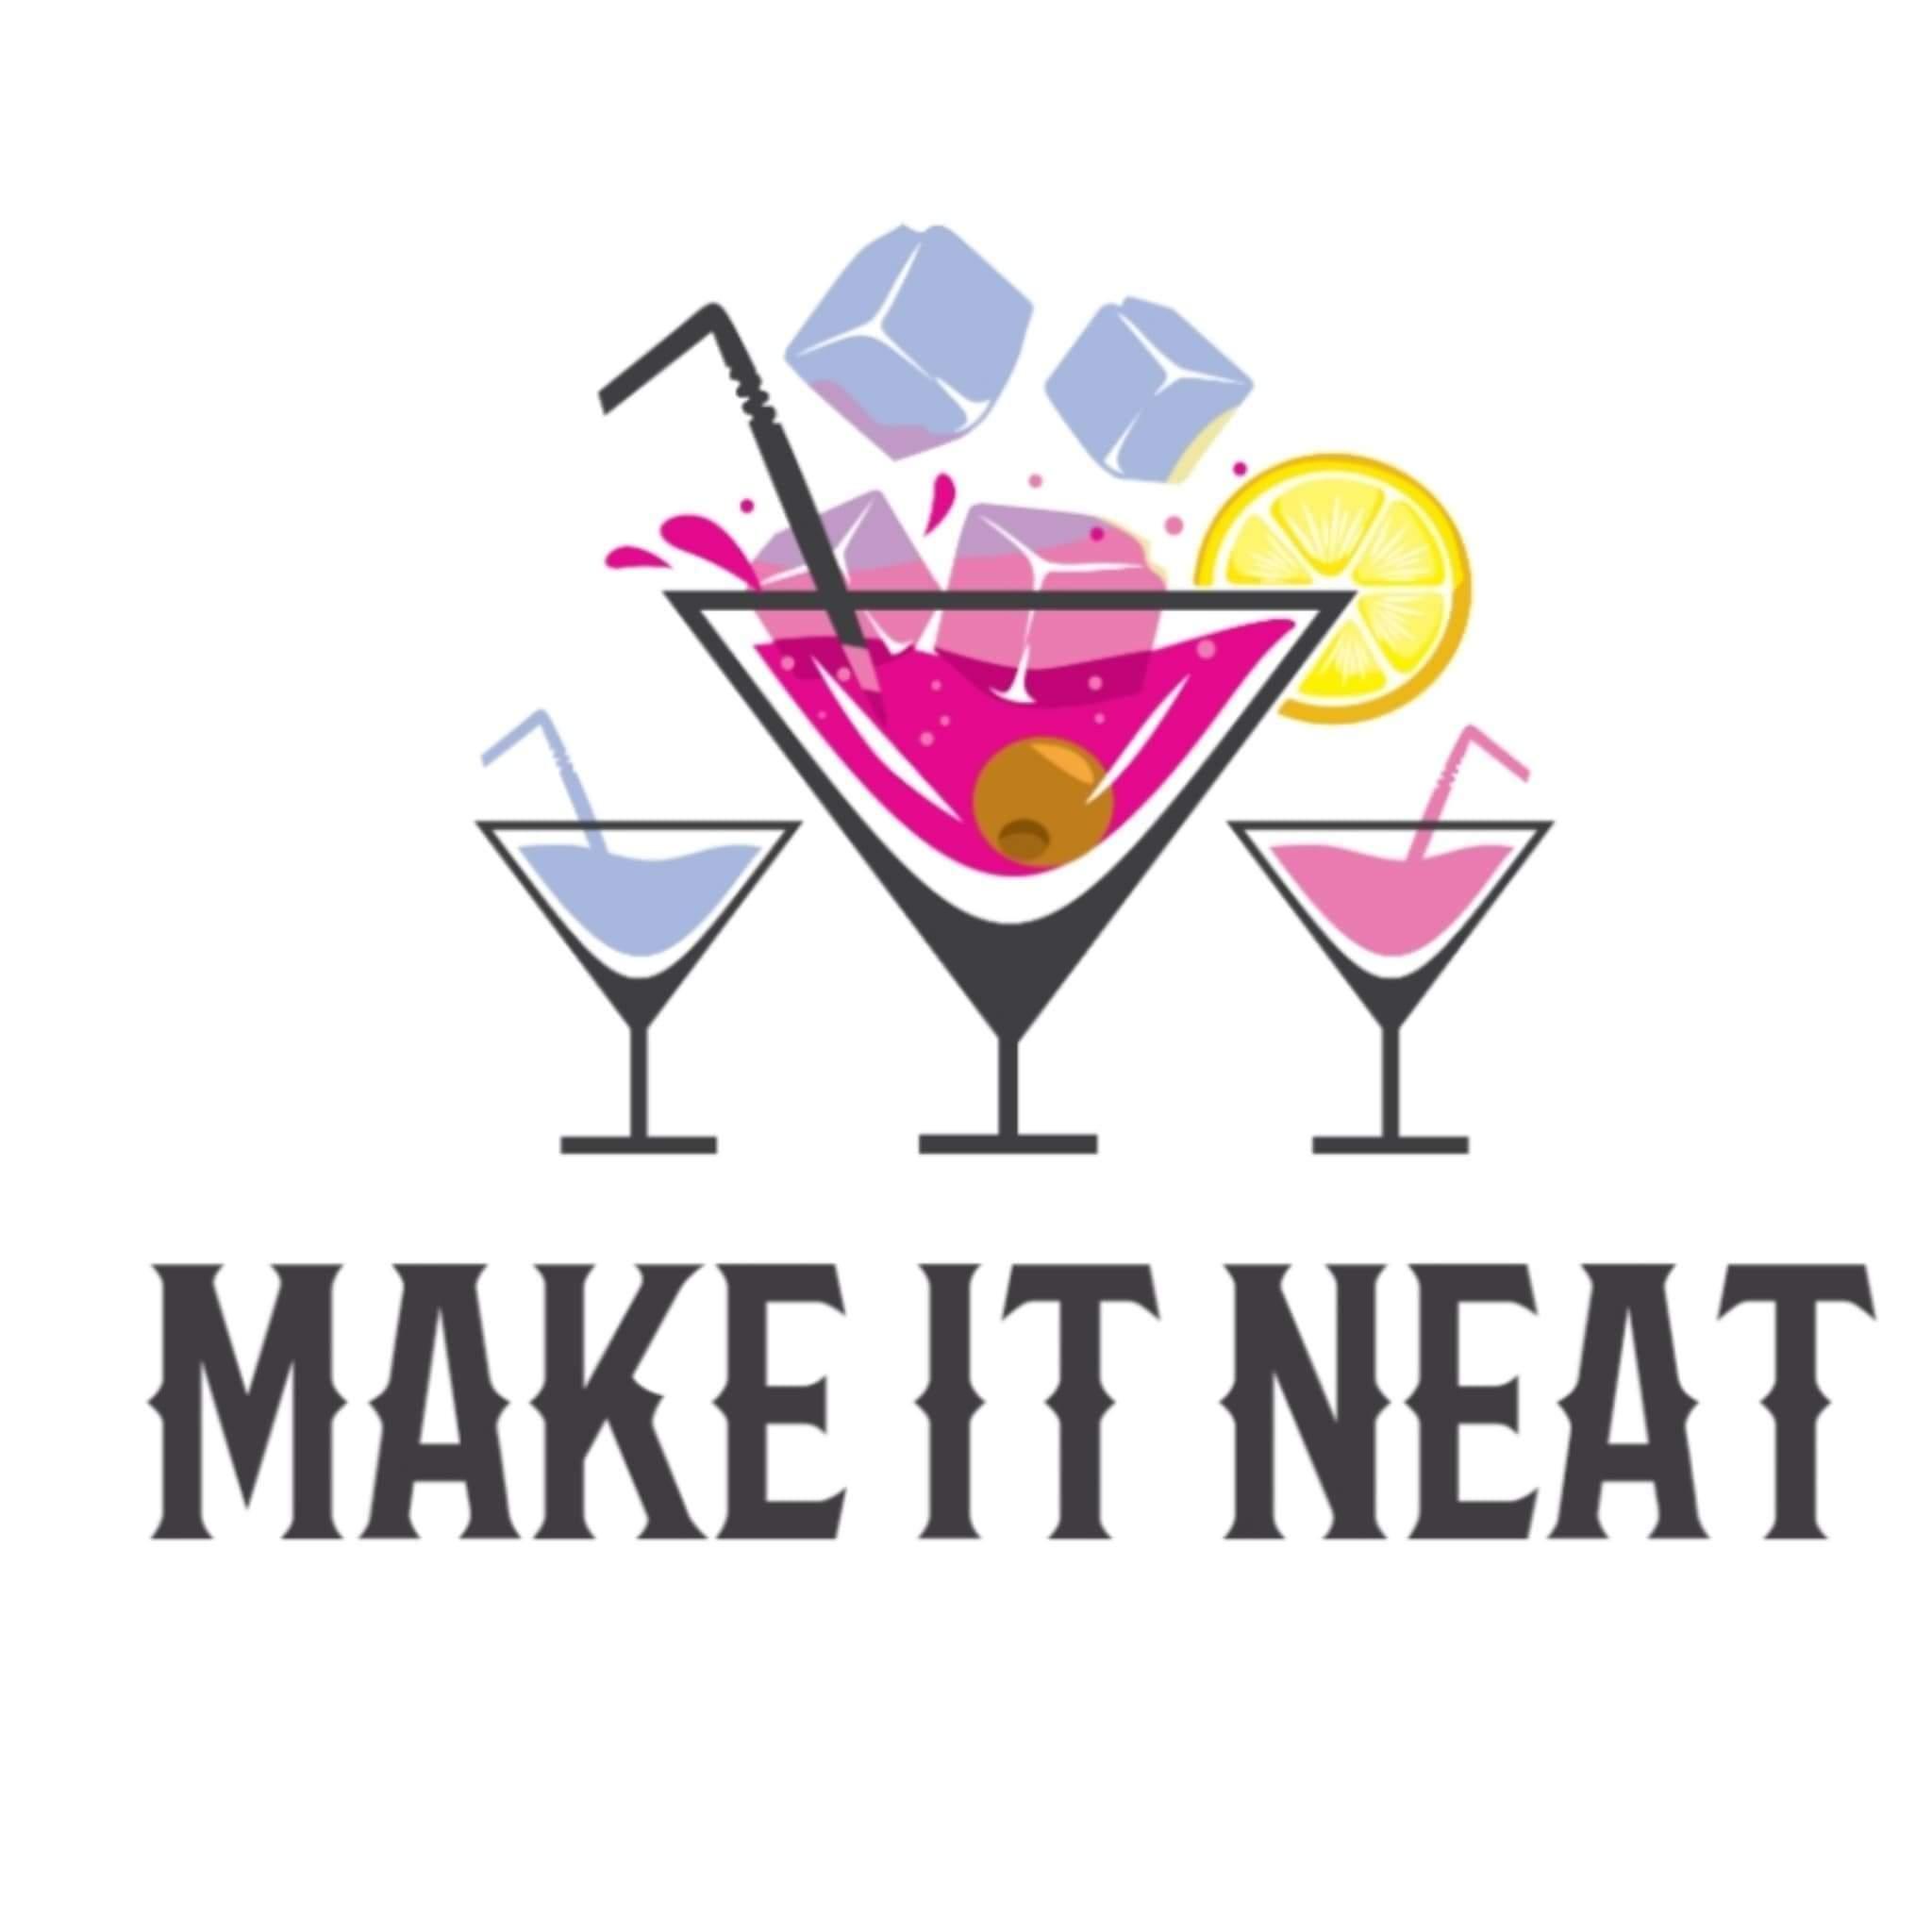 Make It Neat